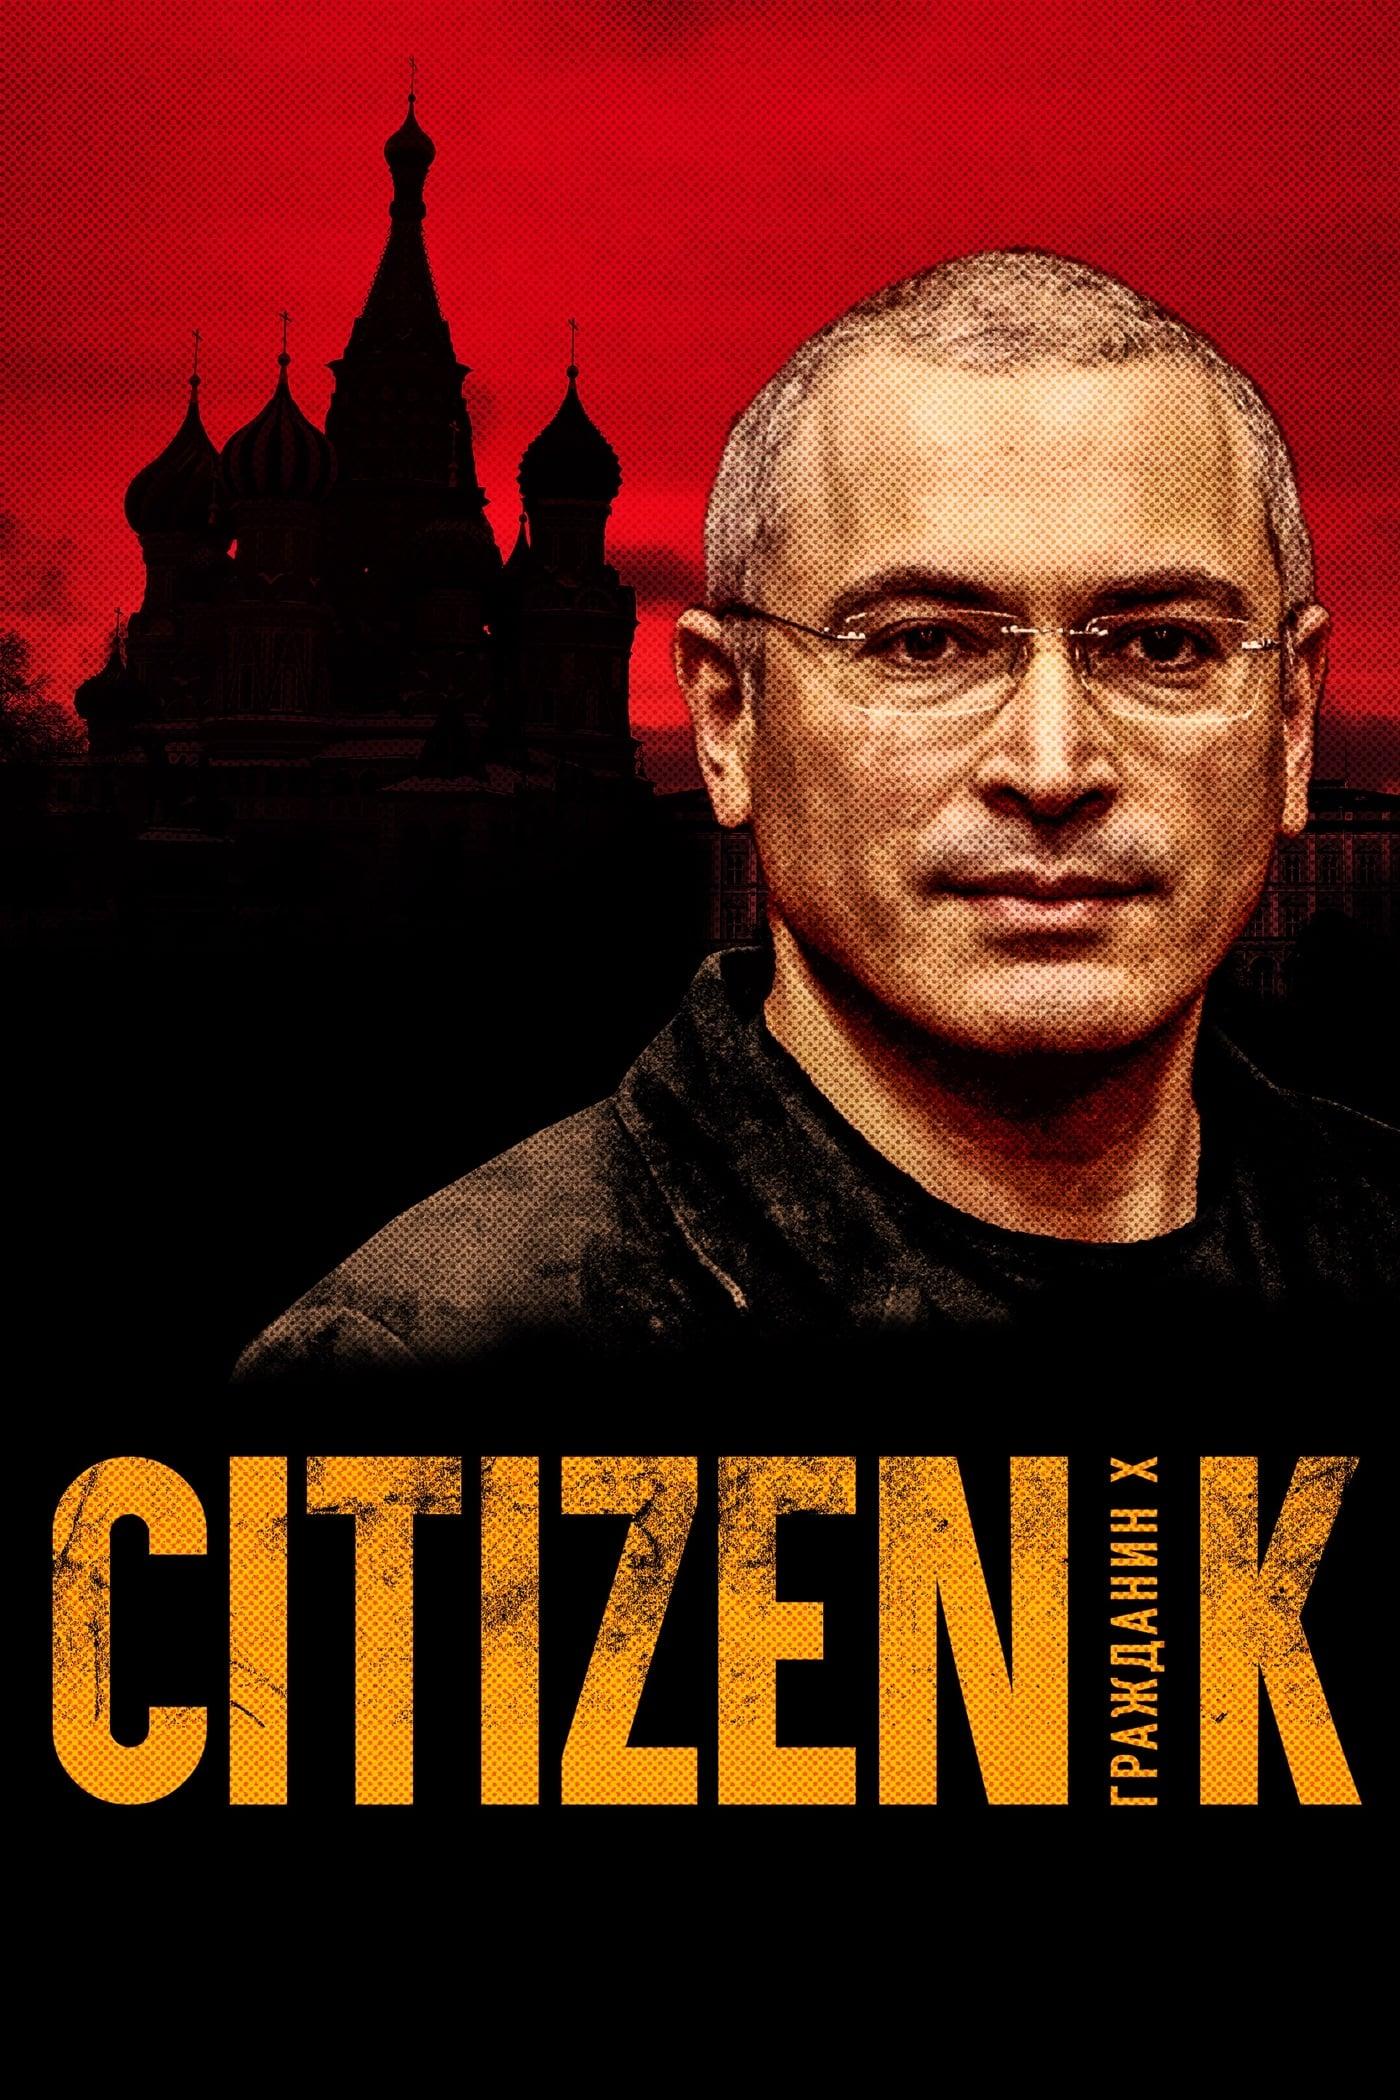 دانلود فیلم Citizen K 2019